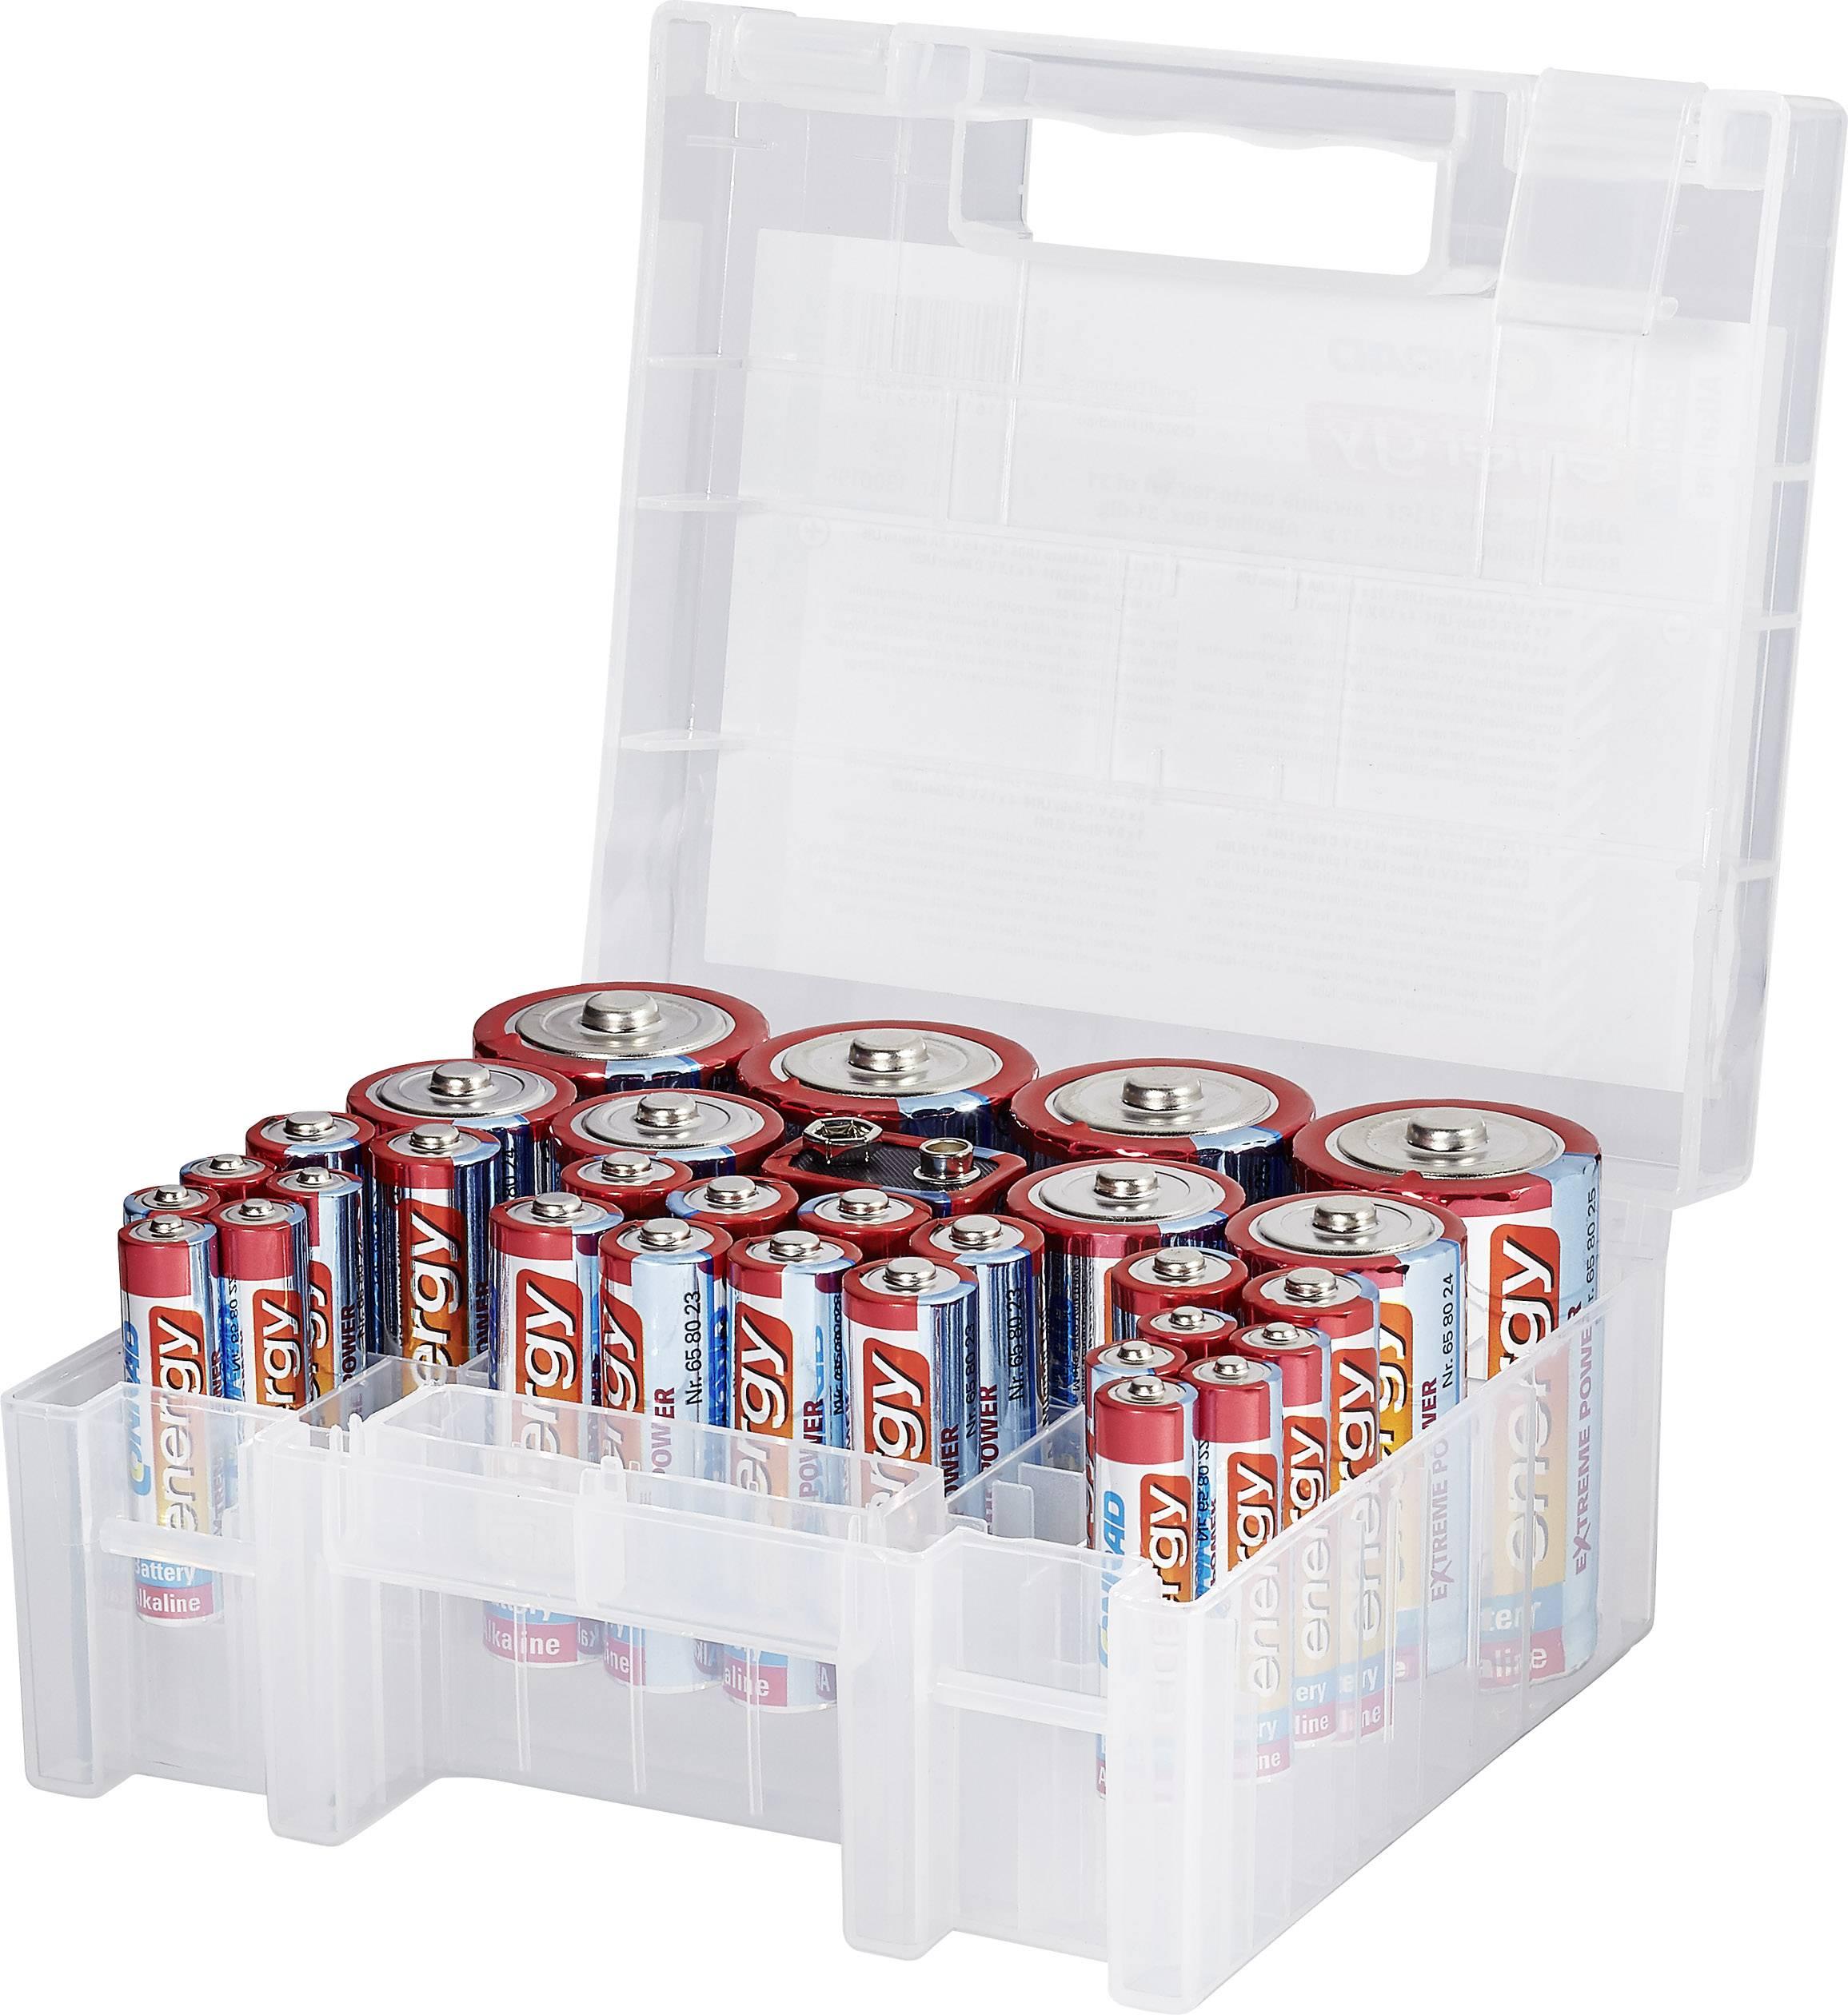 Sada alkalických batérií Conrad energy Extreme Power, AAA, AA, C, D, 9V, 31 ks